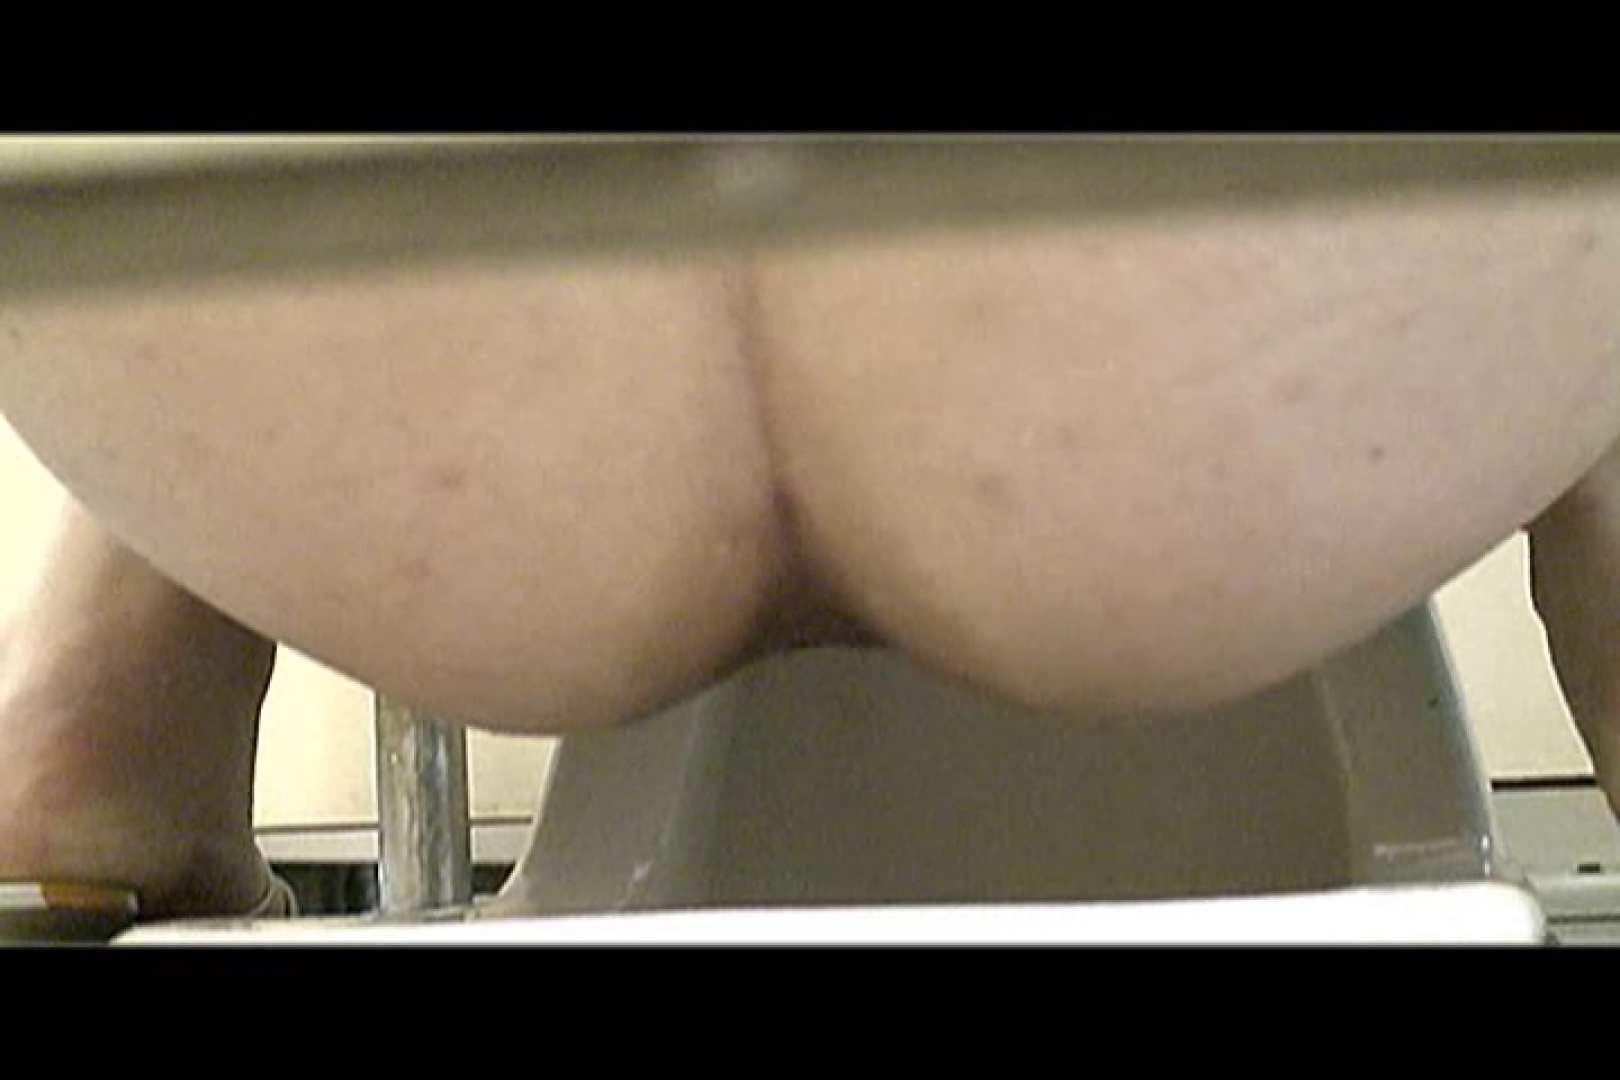 マンコ丸見え女子洗面所Vol.7 エロティックなOL SEX無修正画像 72画像 58